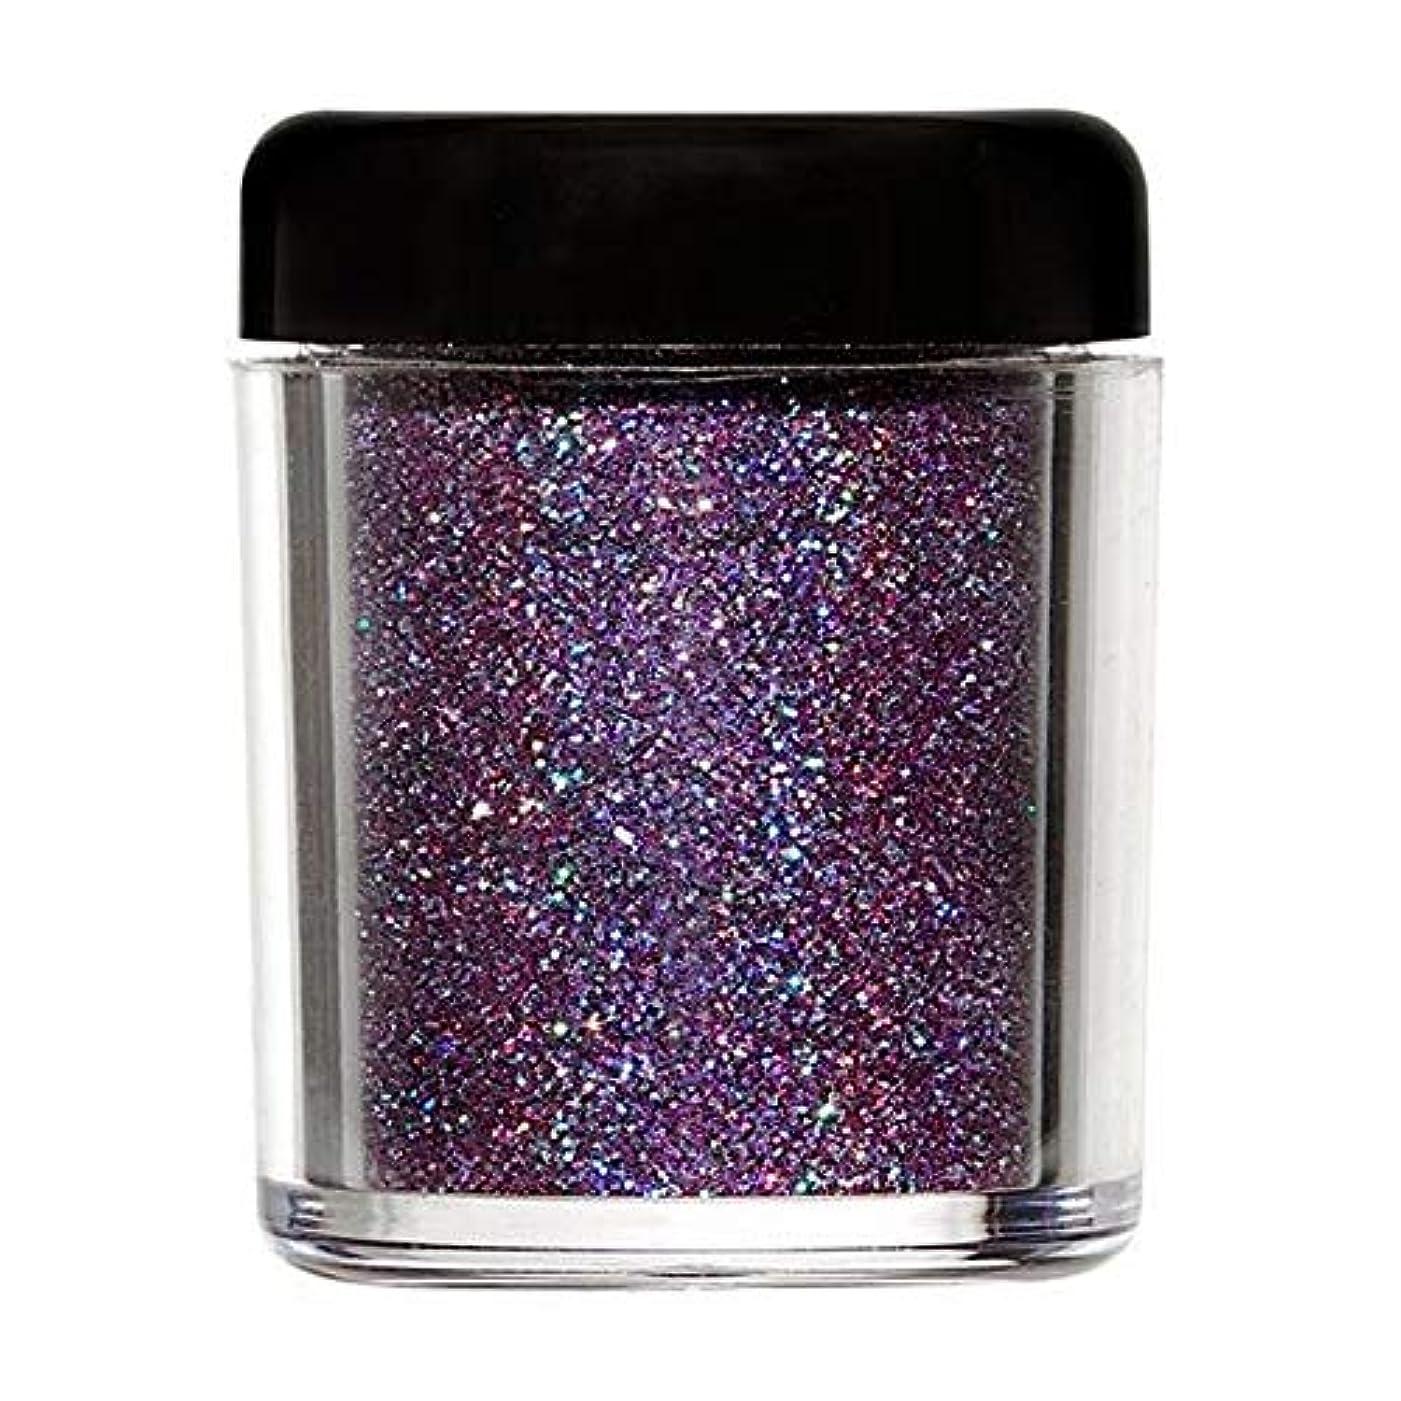 パンコードレス侮辱[Barry M ] バリーメートルのグリッターラッシュボディの輝き - 紫外線 - Barry M Glitter Rush Body Glitter - Ultraviolet [並行輸入品]